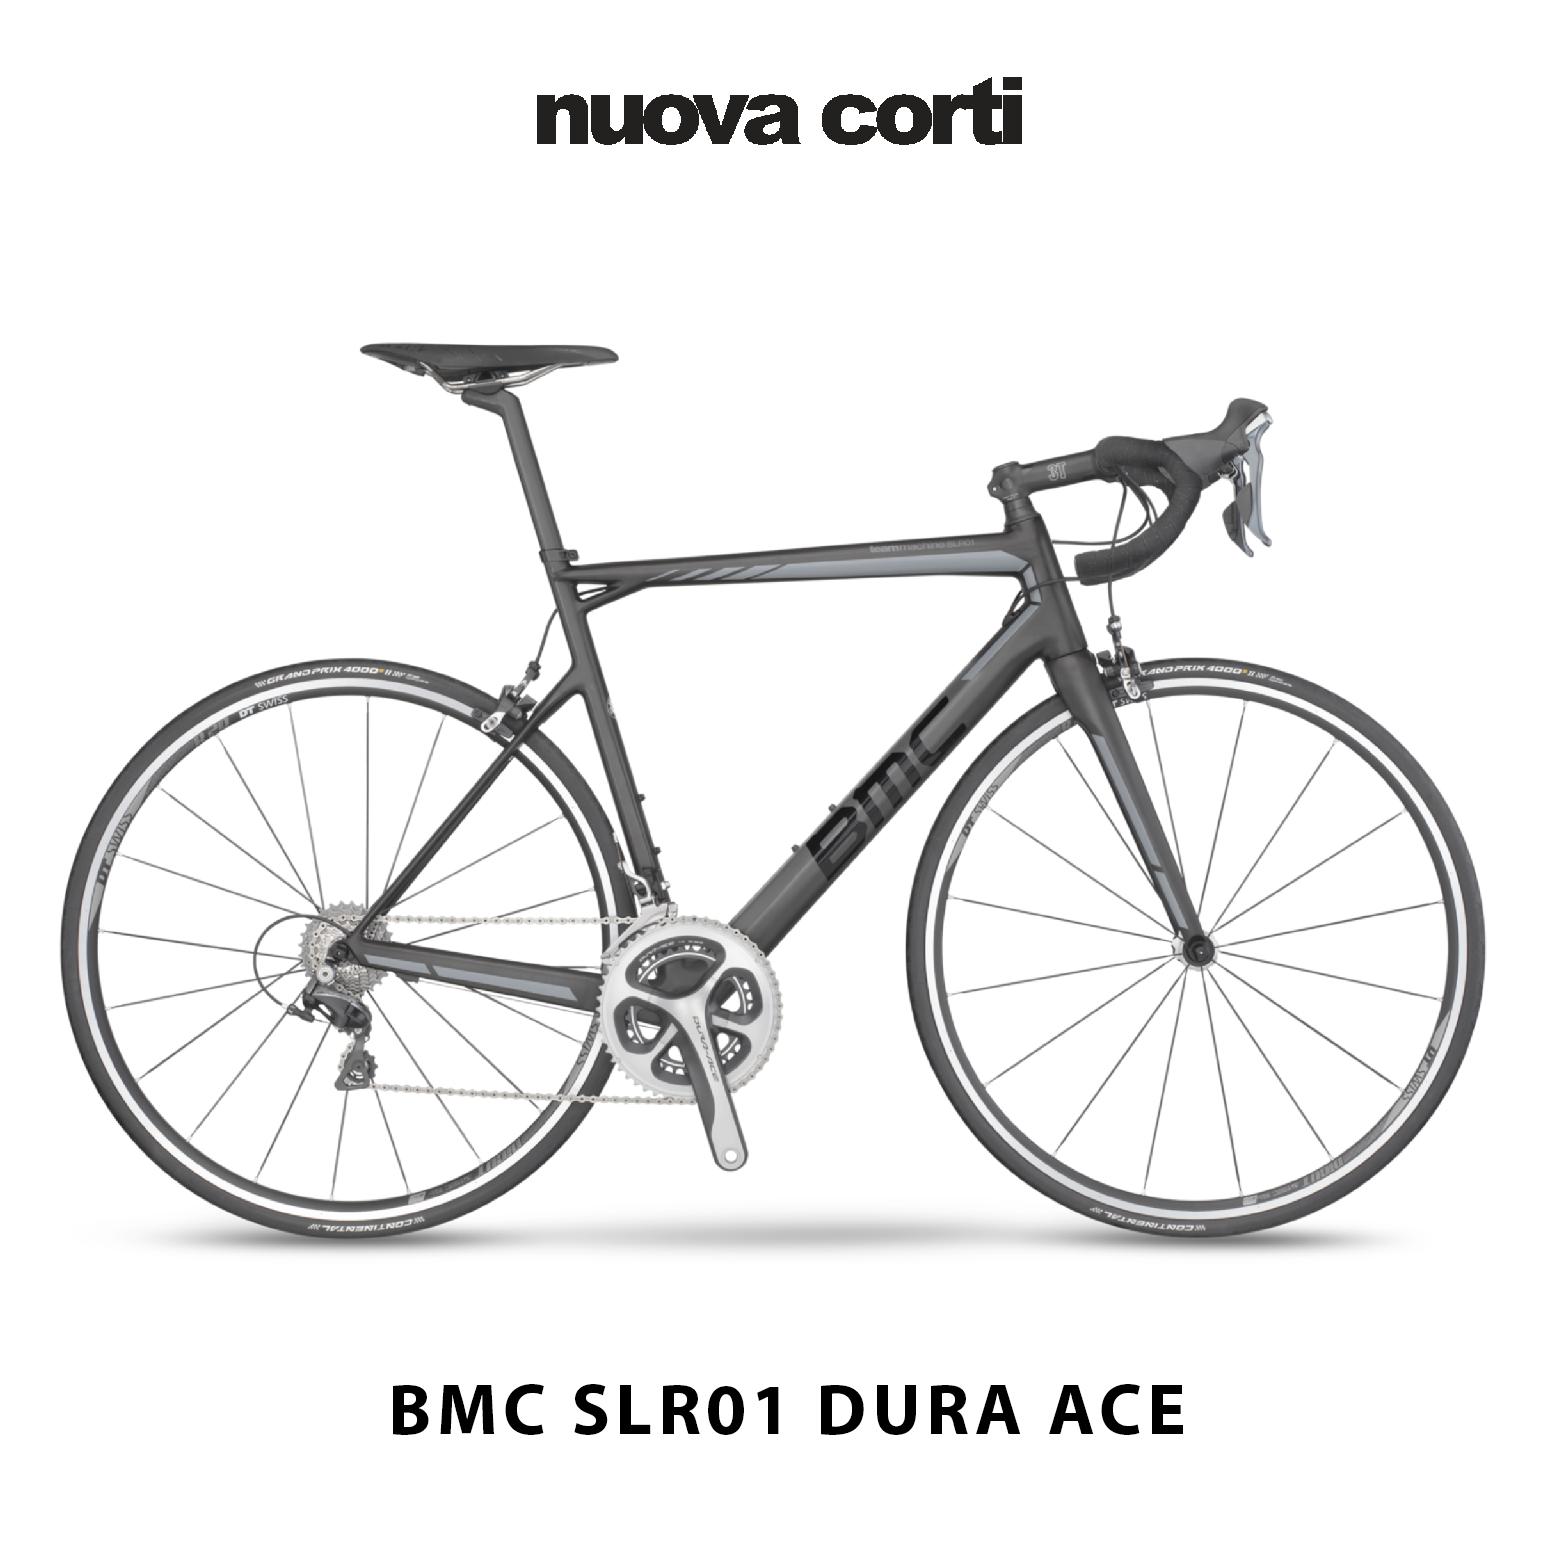 BMC SLR 01 DURA ACE, nuova corti, sassuolo, BMC, slr01,vendita